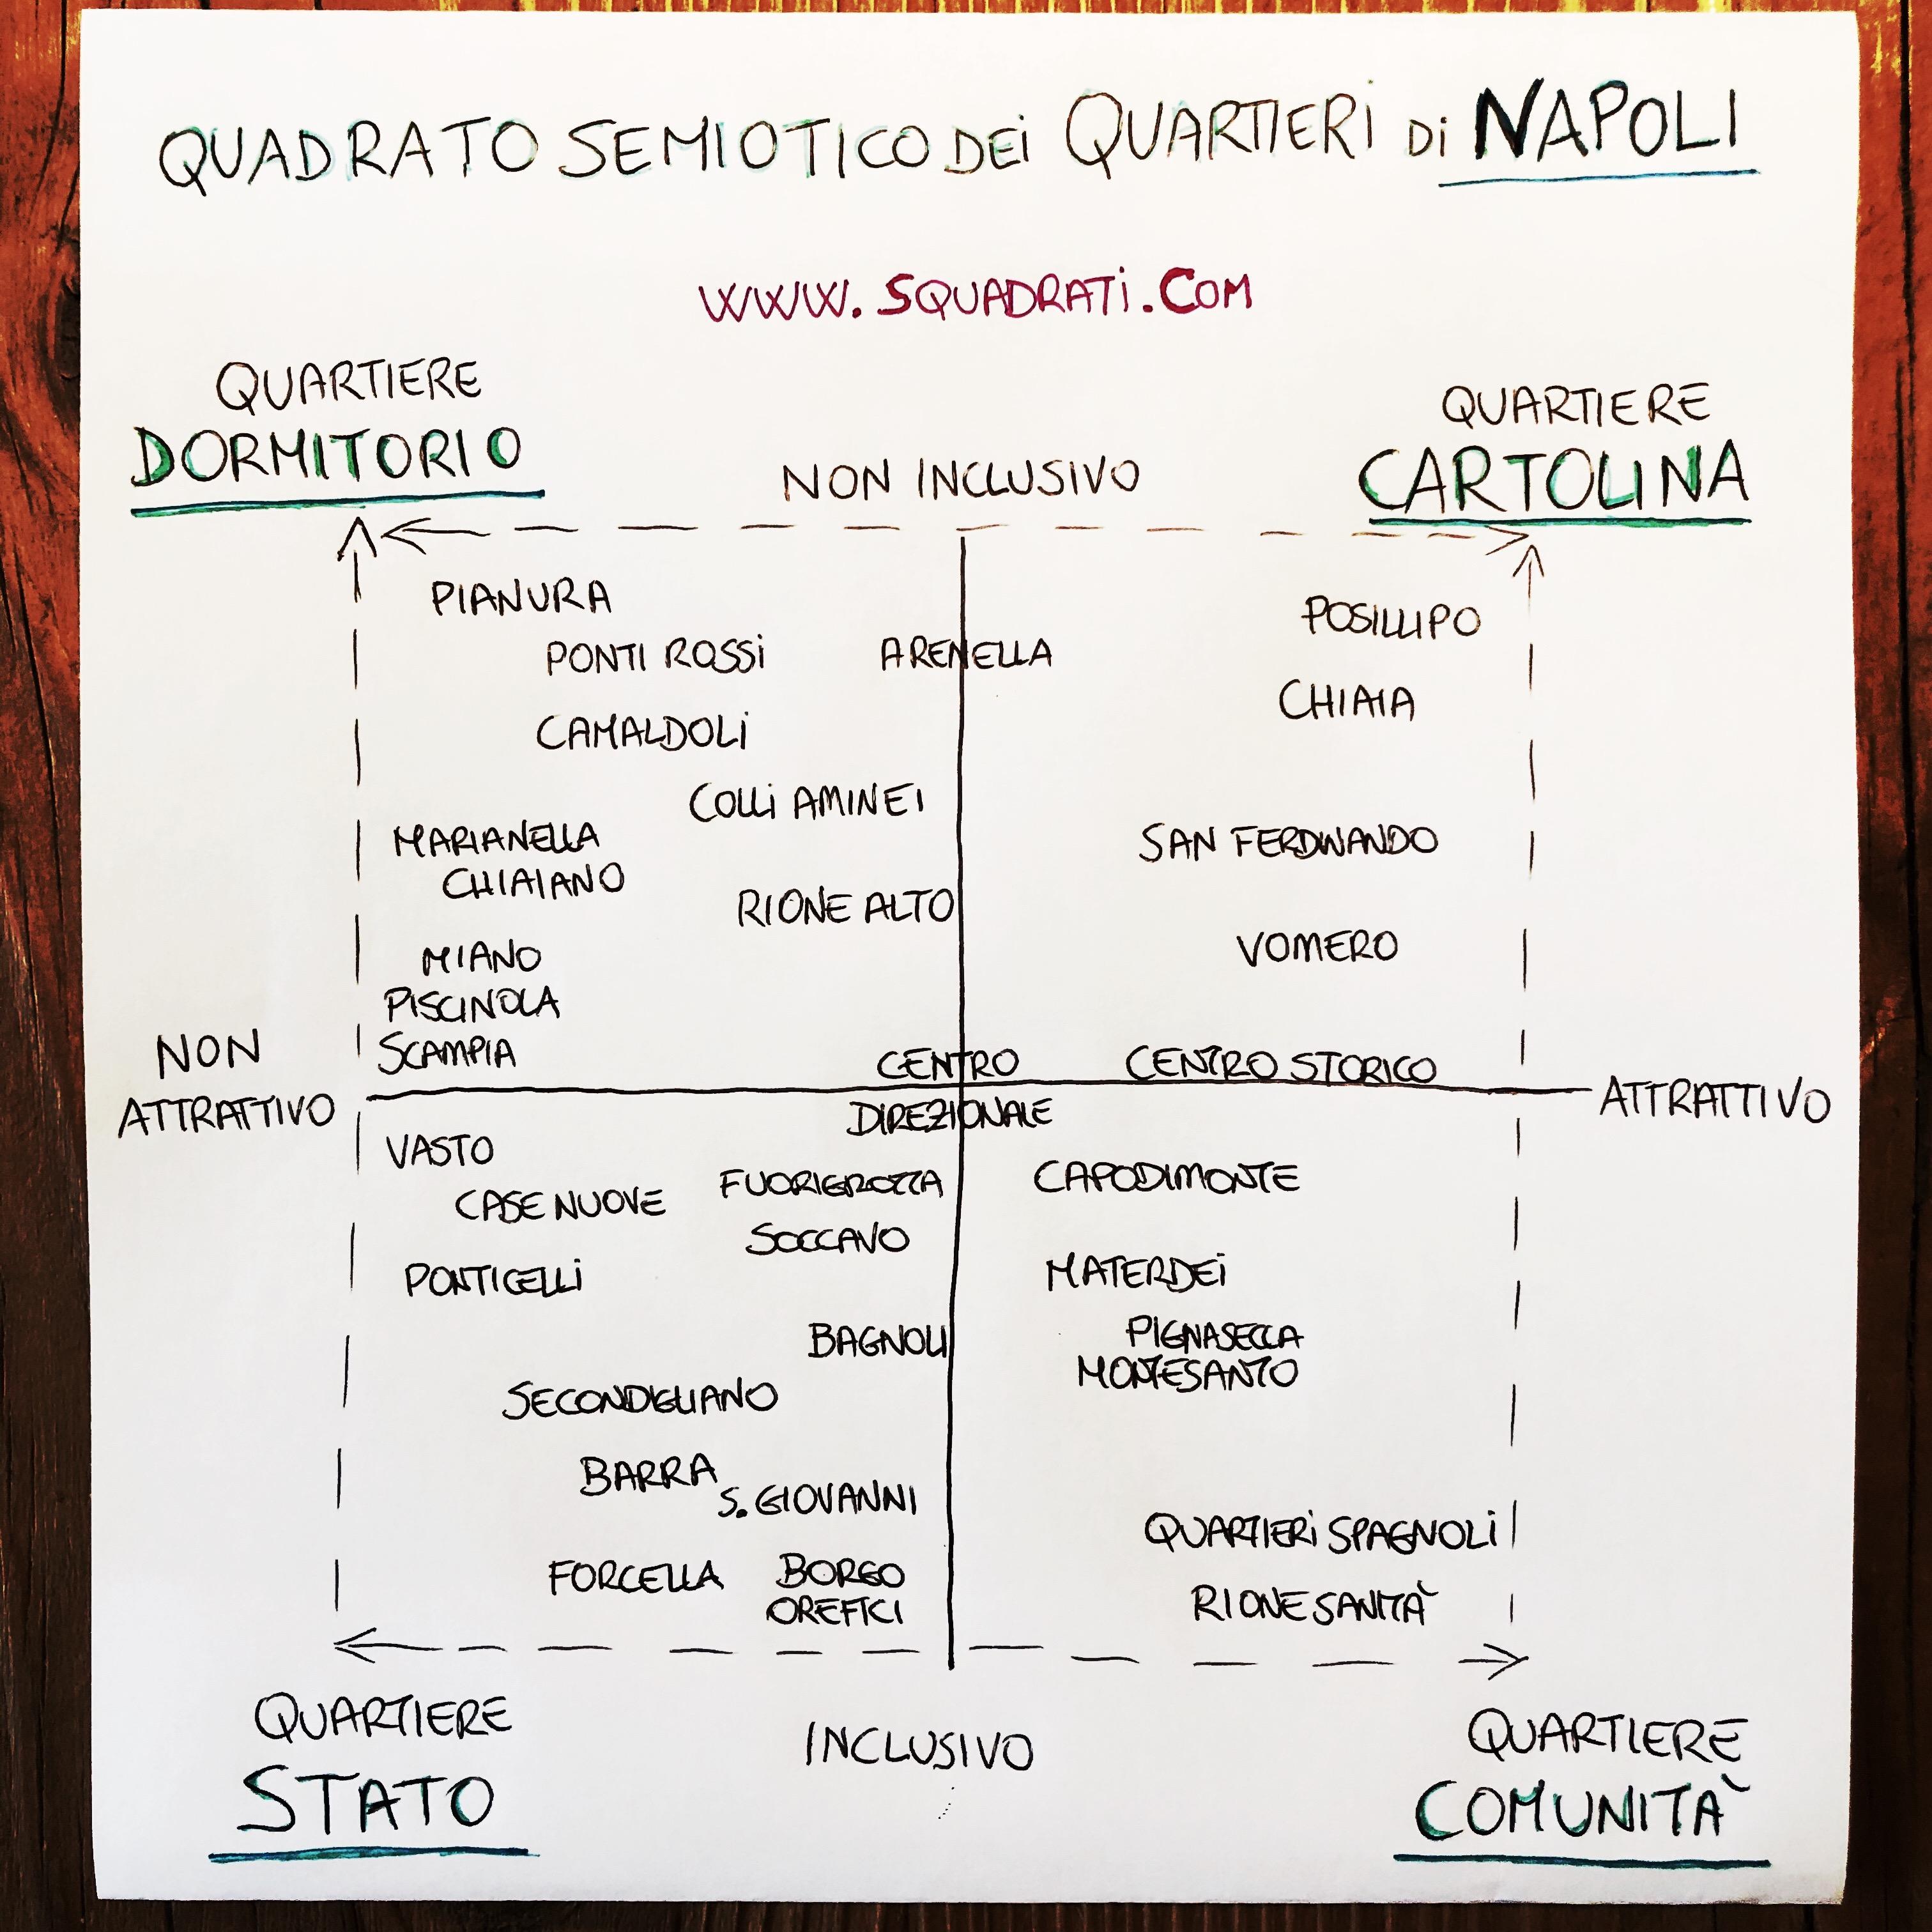 Quadrato Semiotico dei Quartieri di Napoli 2